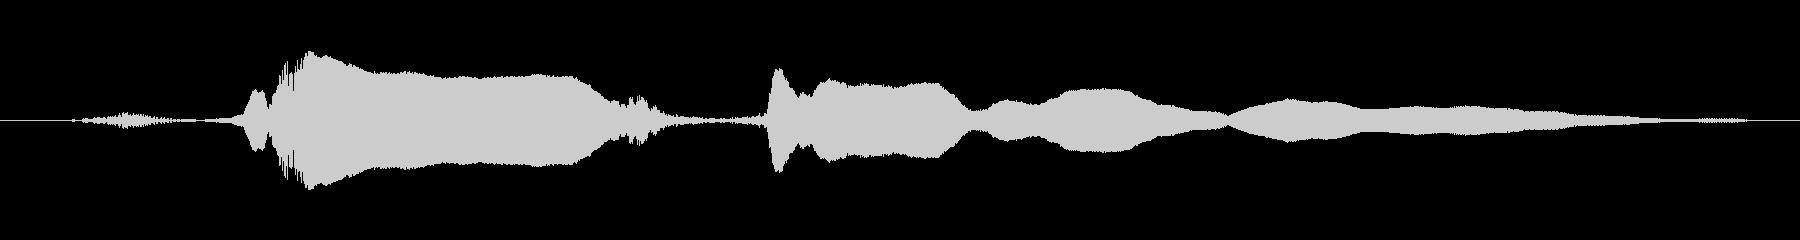 鳴き声 u湖オーバー興奮女性ロング01の未再生の波形